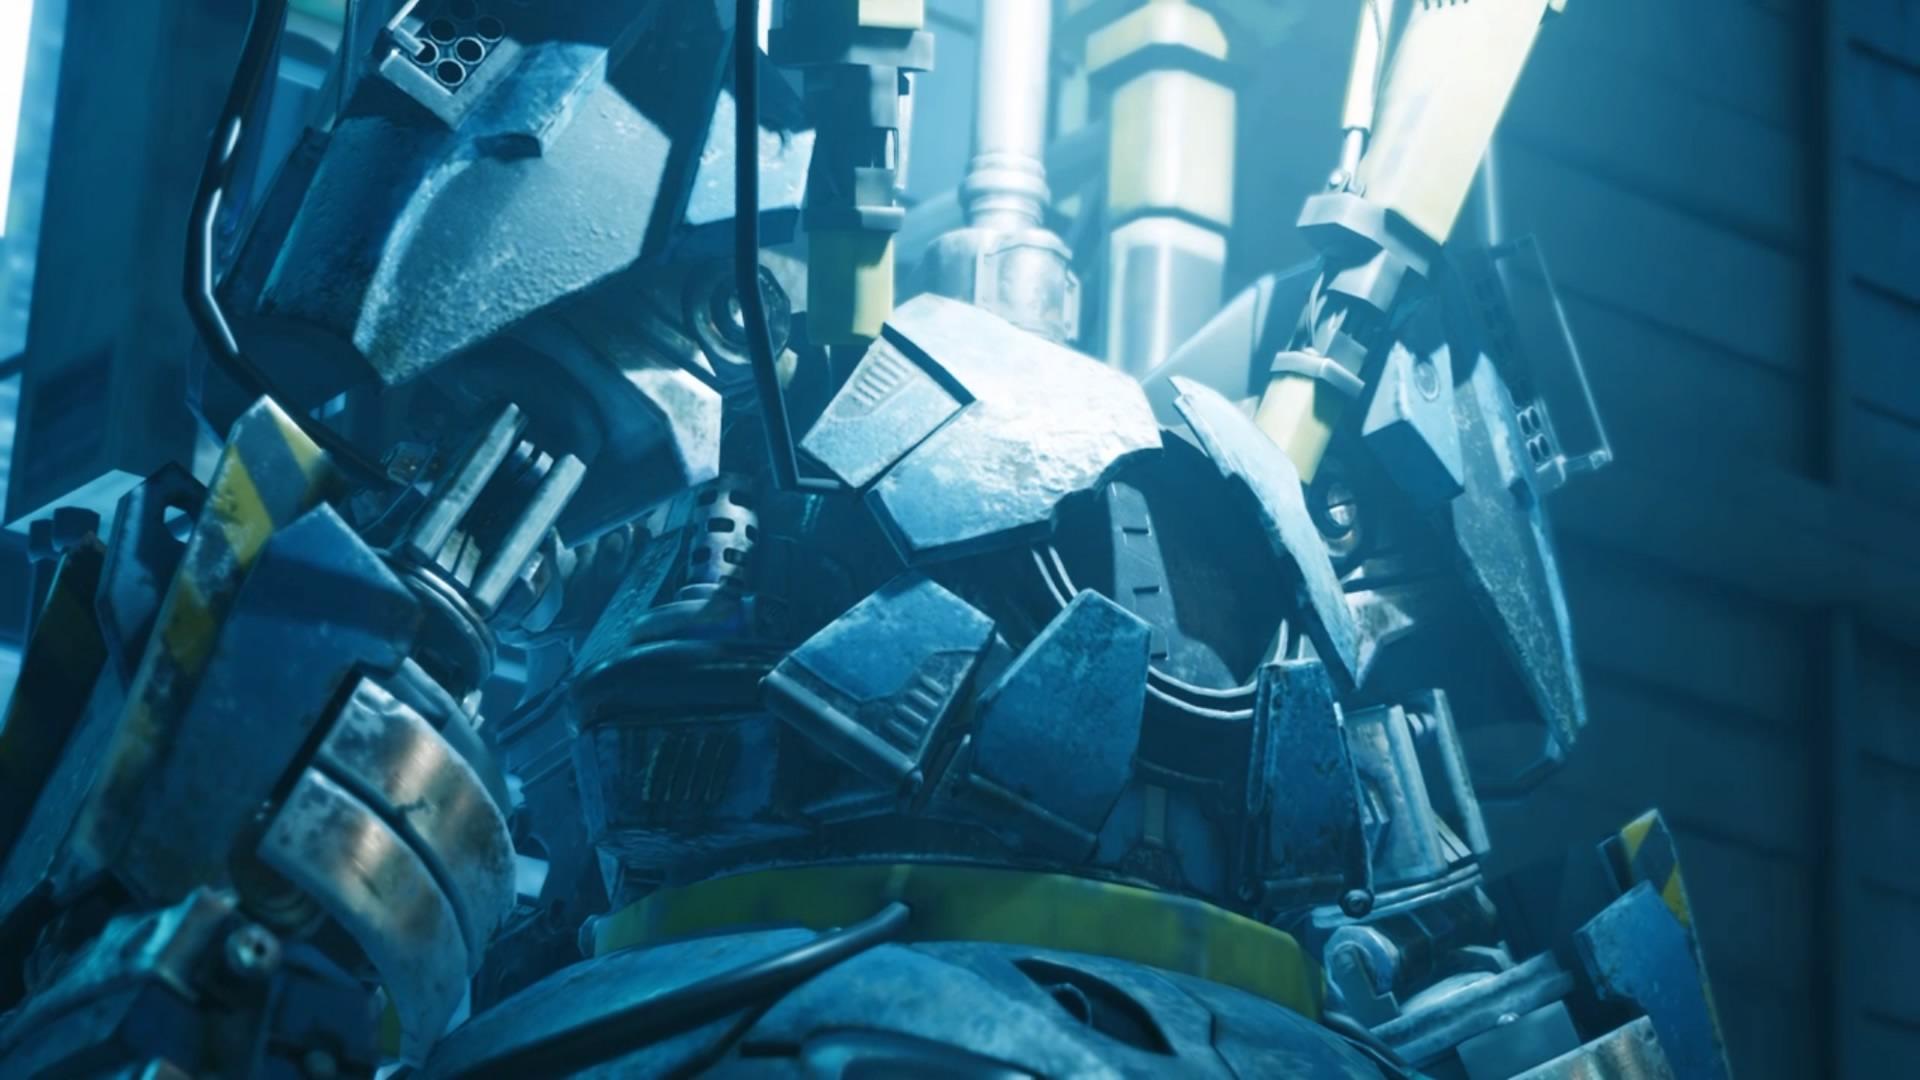 【FF7REMAKE】第27回攻略・感想 エアバスター戦前に、お宝は頂きだ!